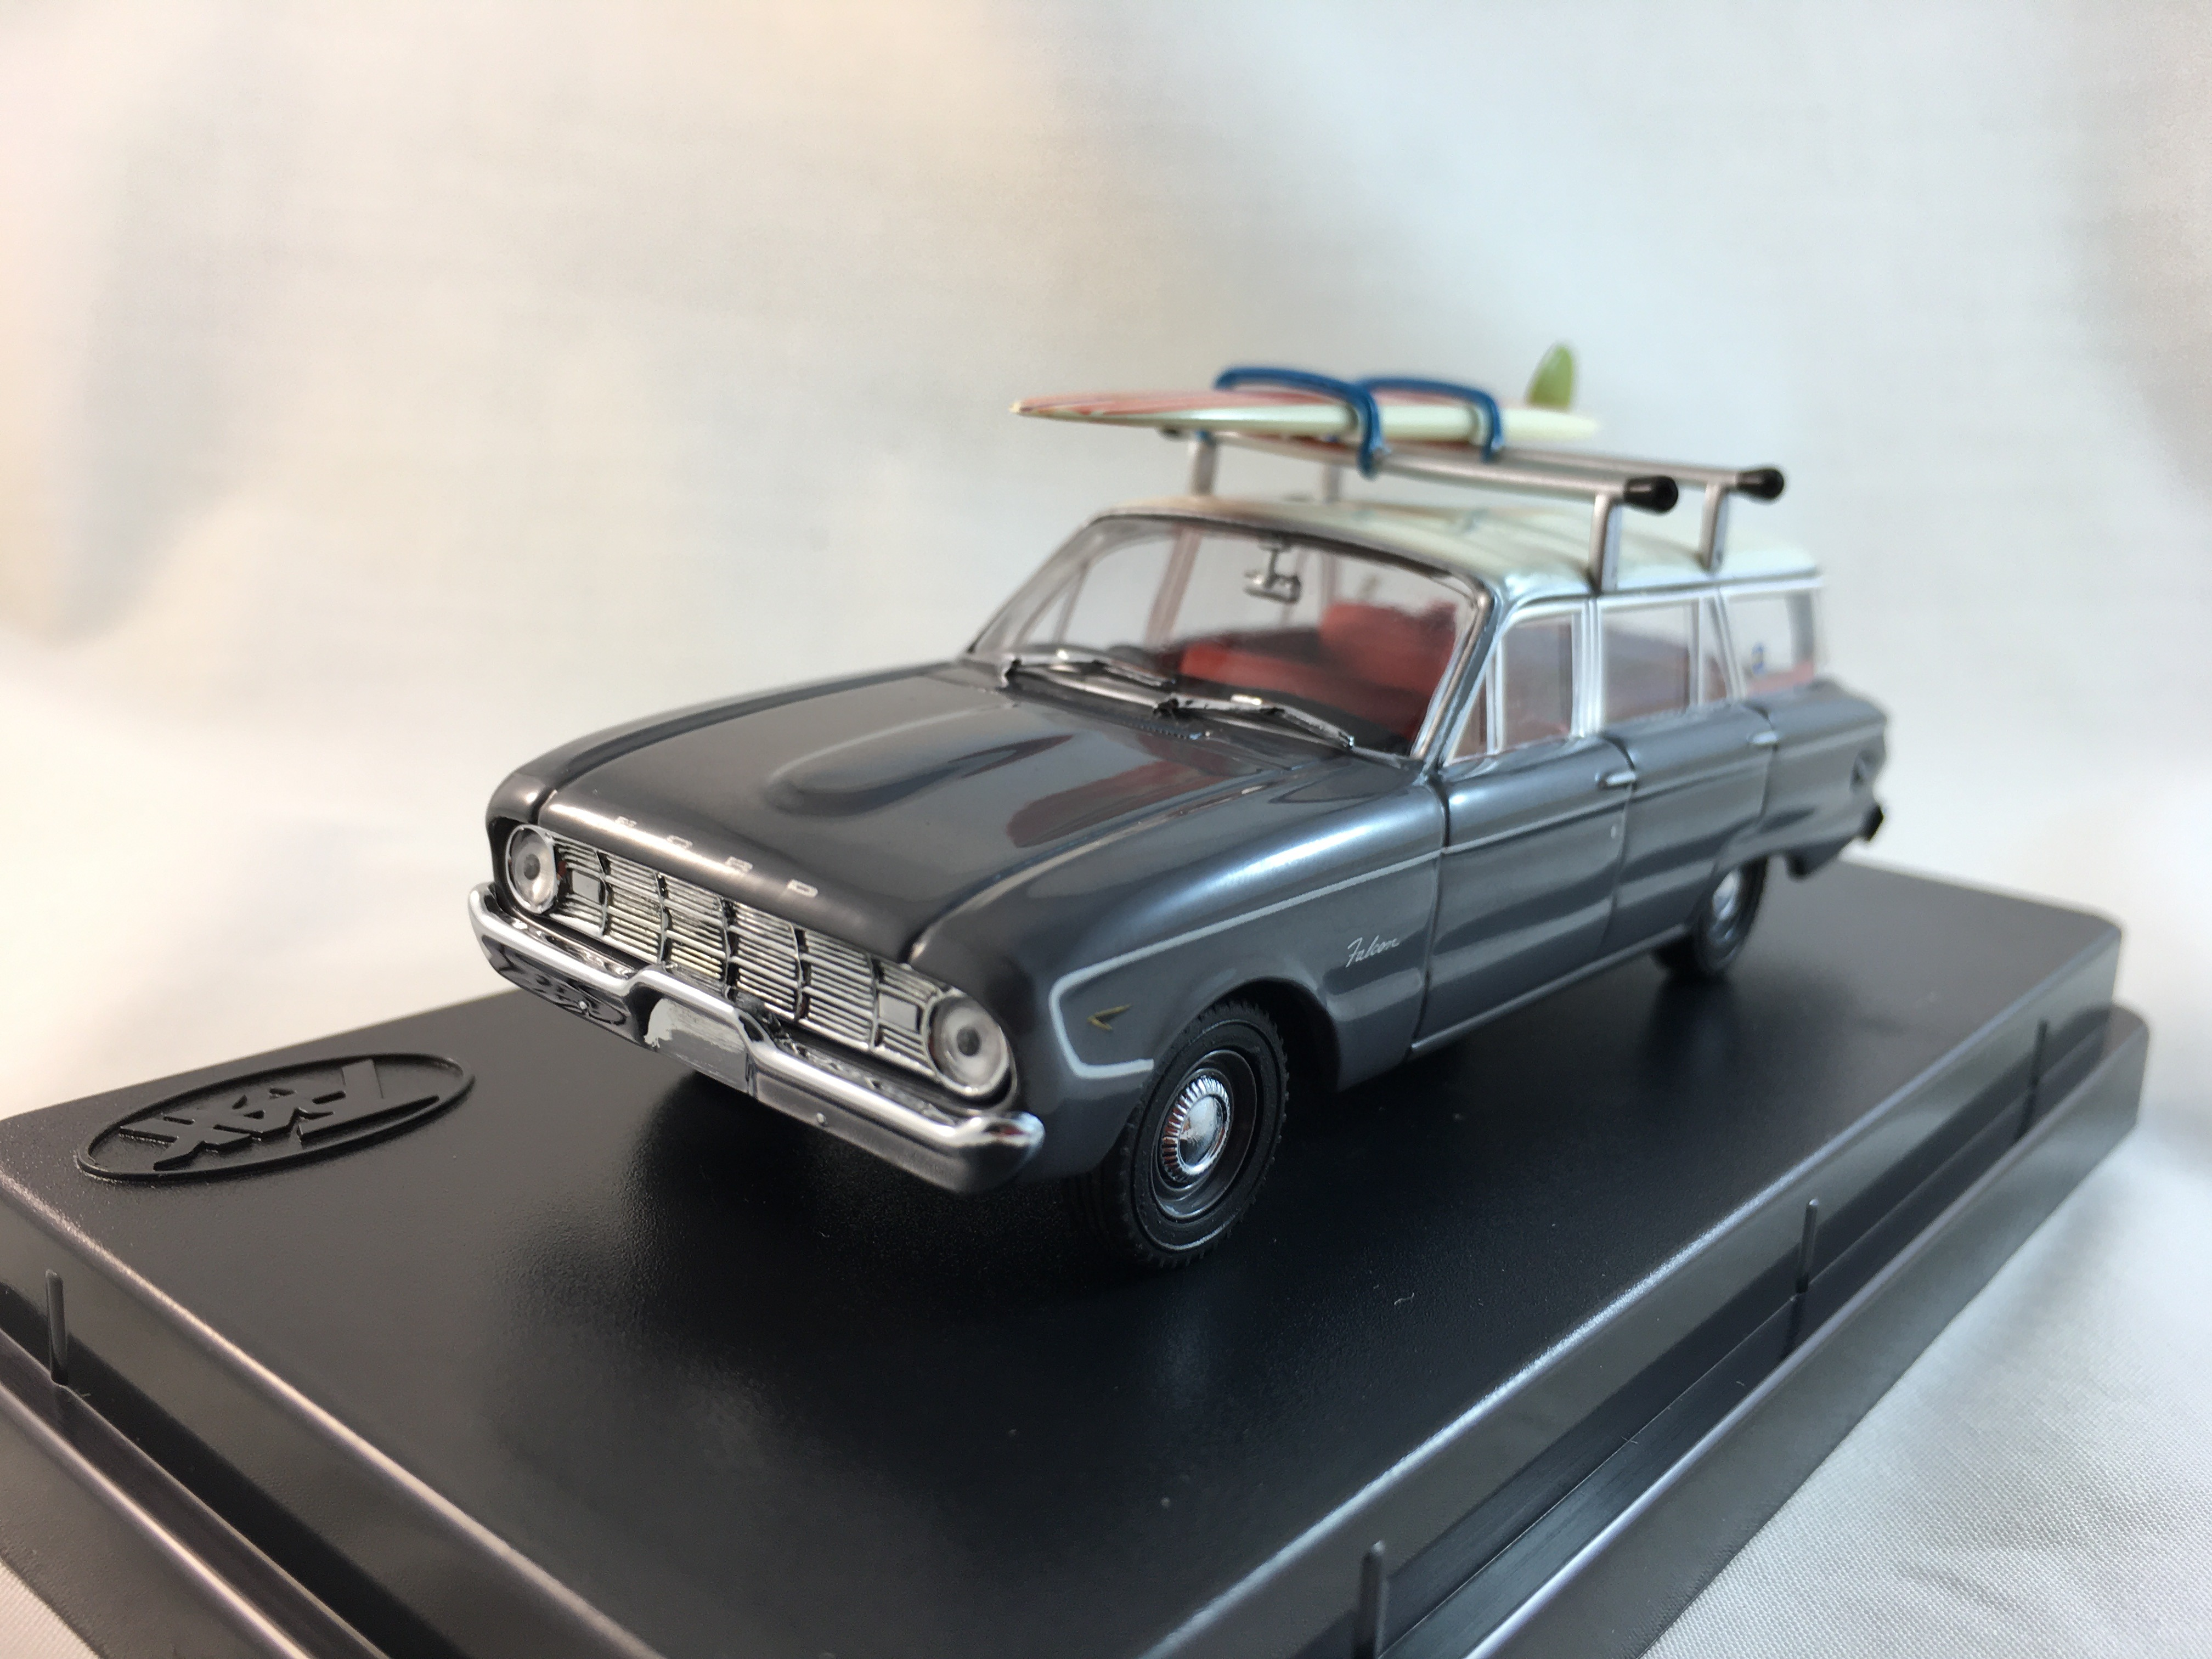 Ford XK Falcon Wagon